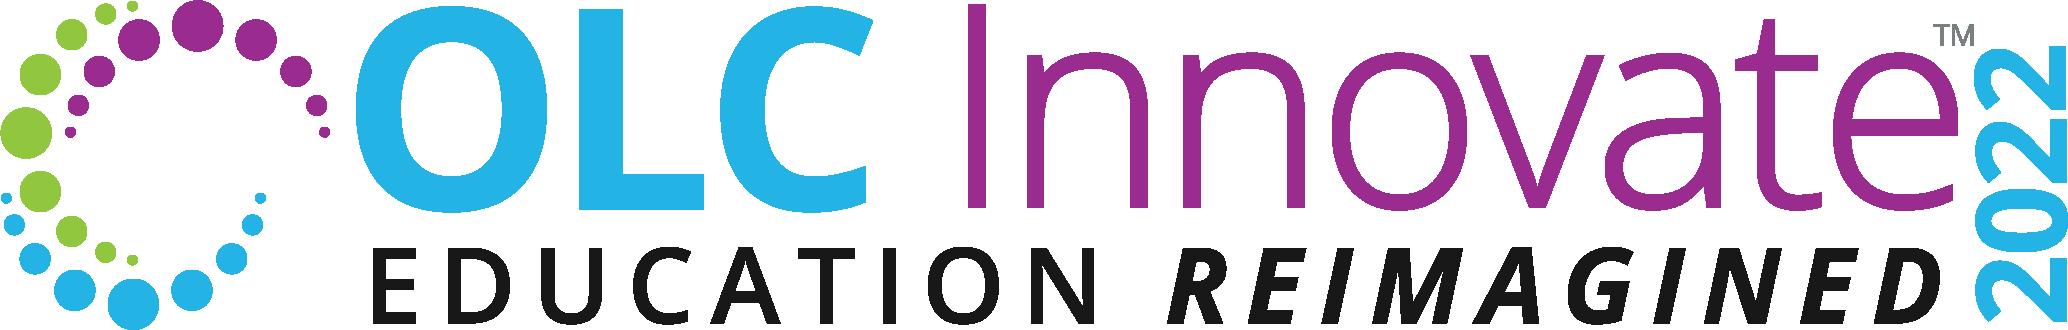 OLC Innovate 2022